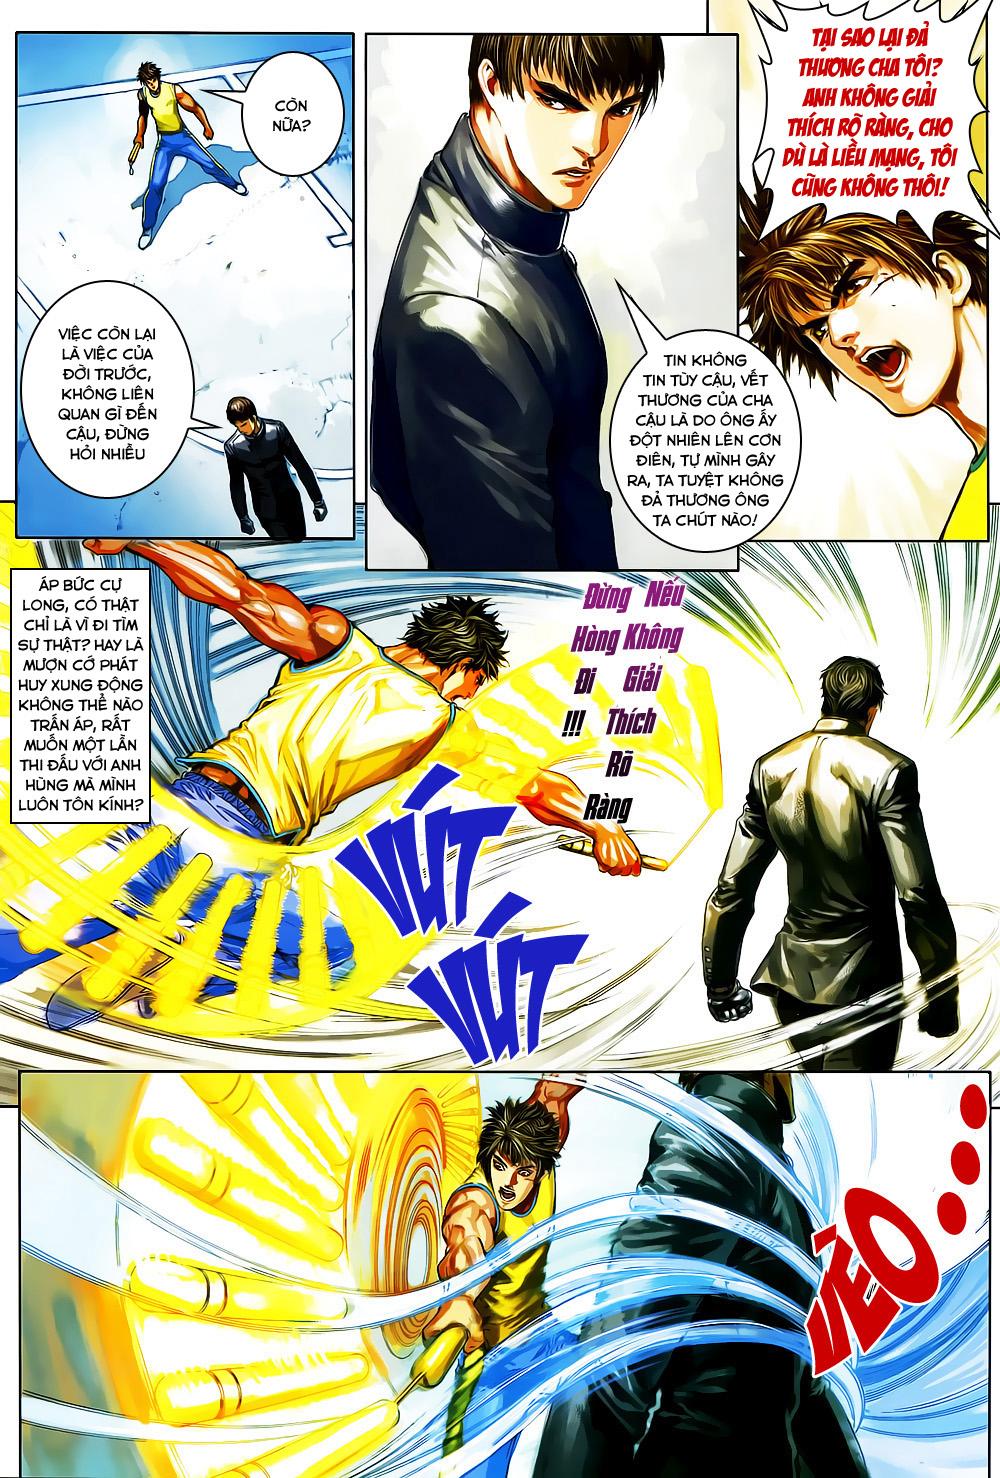 Quyền Đạo chapter 5 trang 8